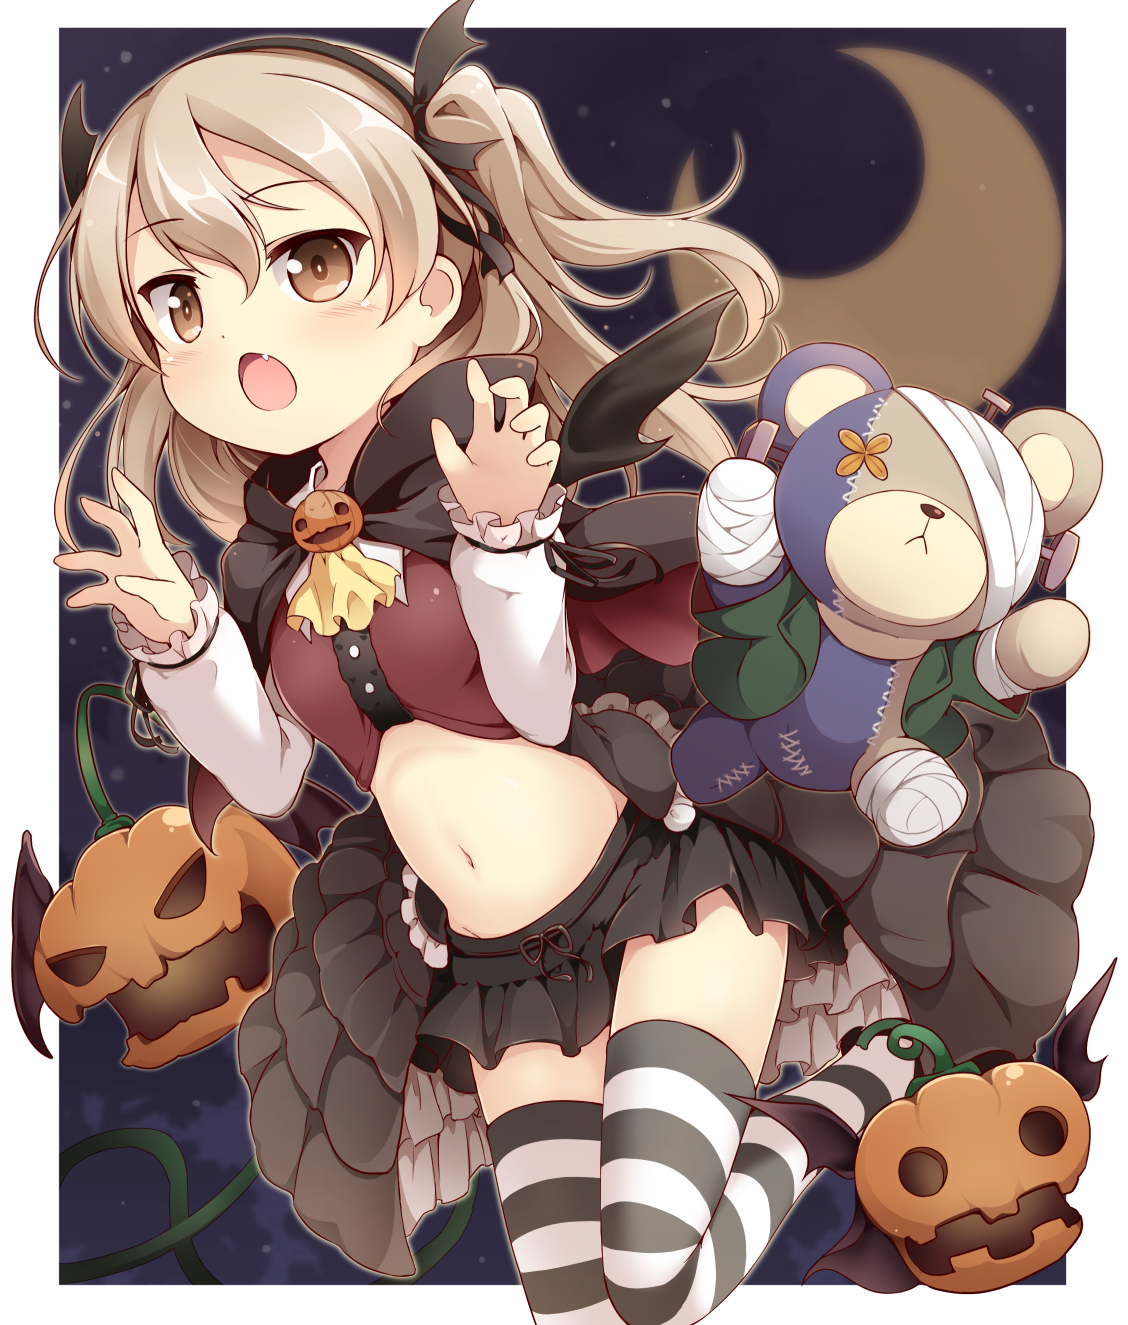 Spooky Alice [Girls und Panzer]